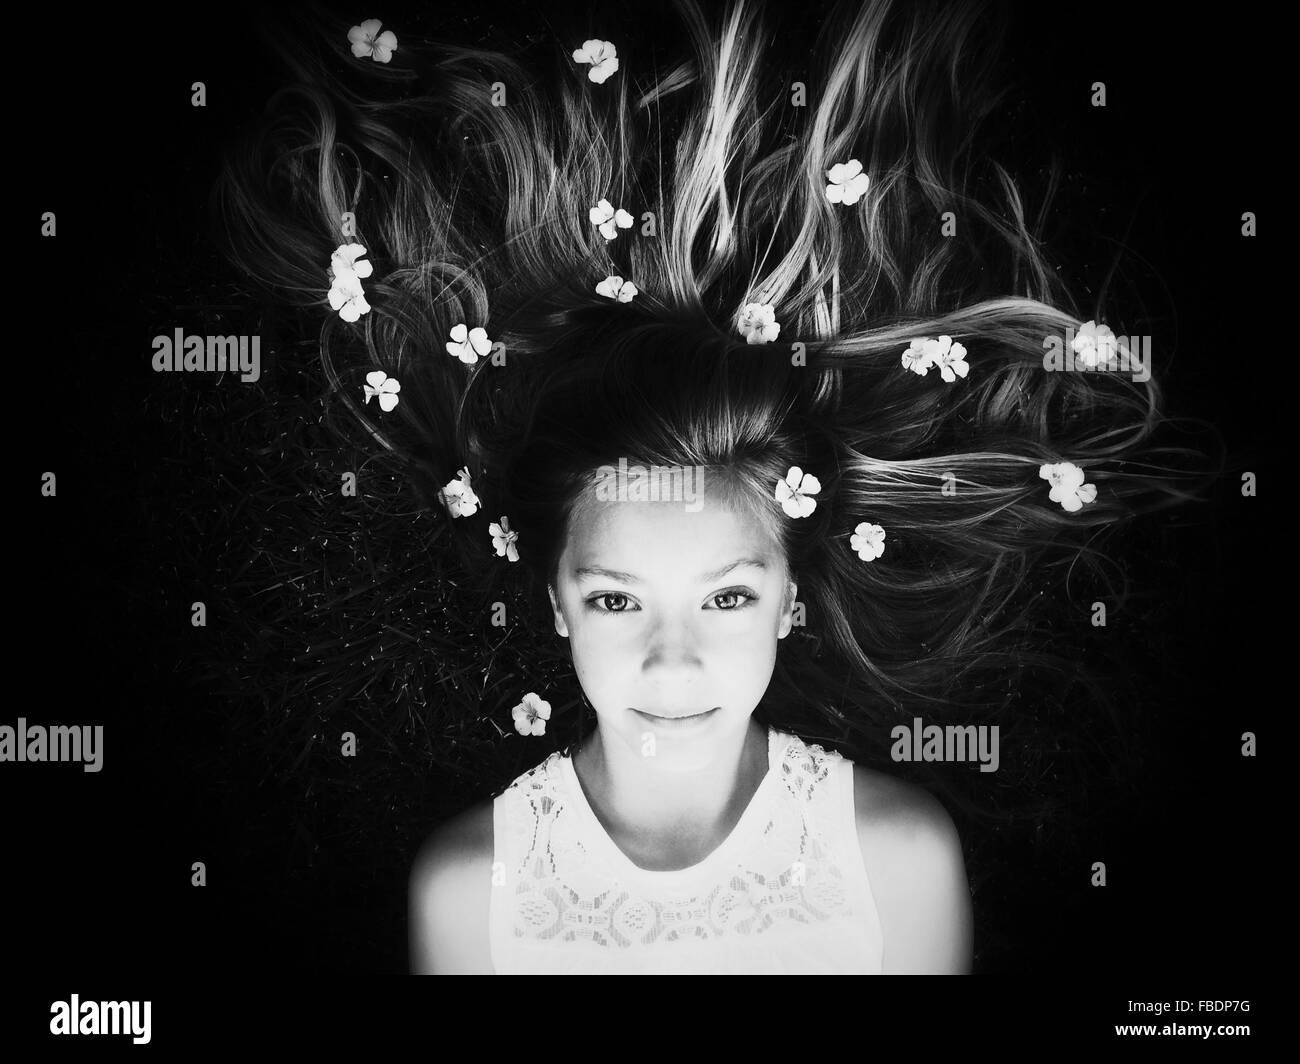 Ritratto di ragazza distesa verso il basso con i fiori nei capelli Immagini Stock